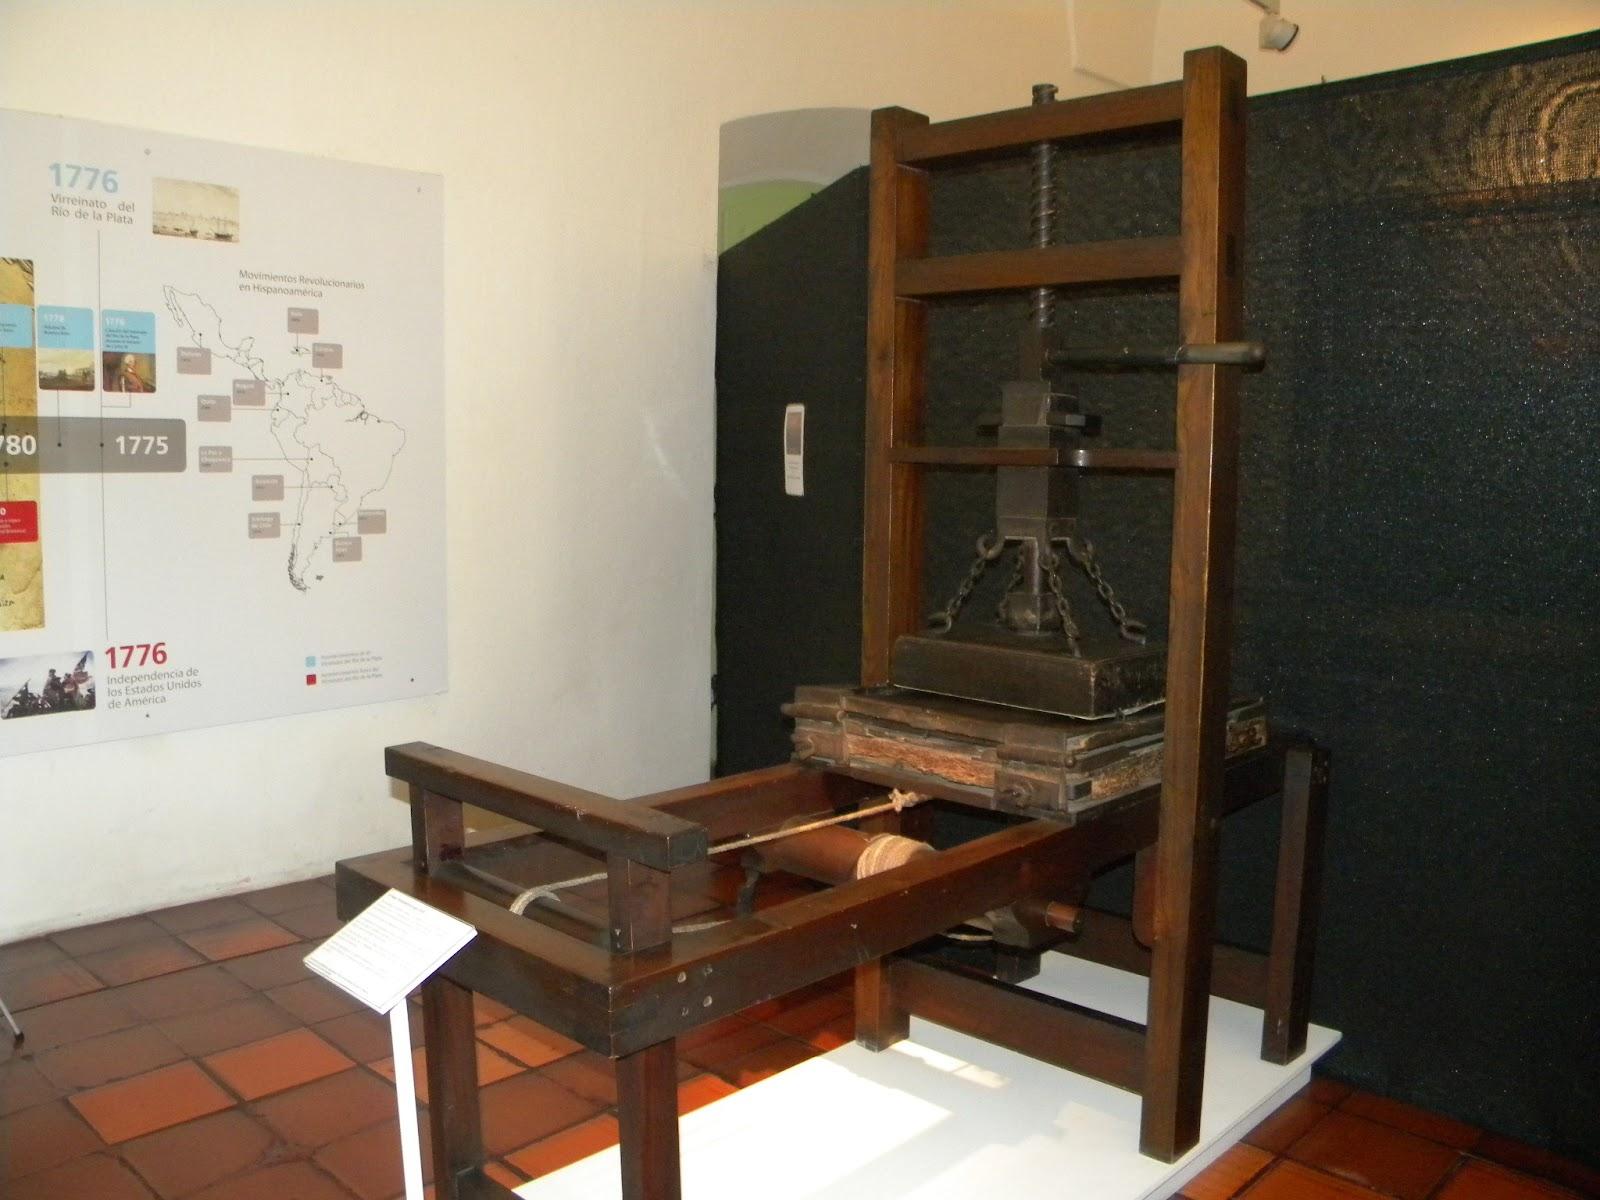 Resultado de imagen para imprenta jesuítica de loreto